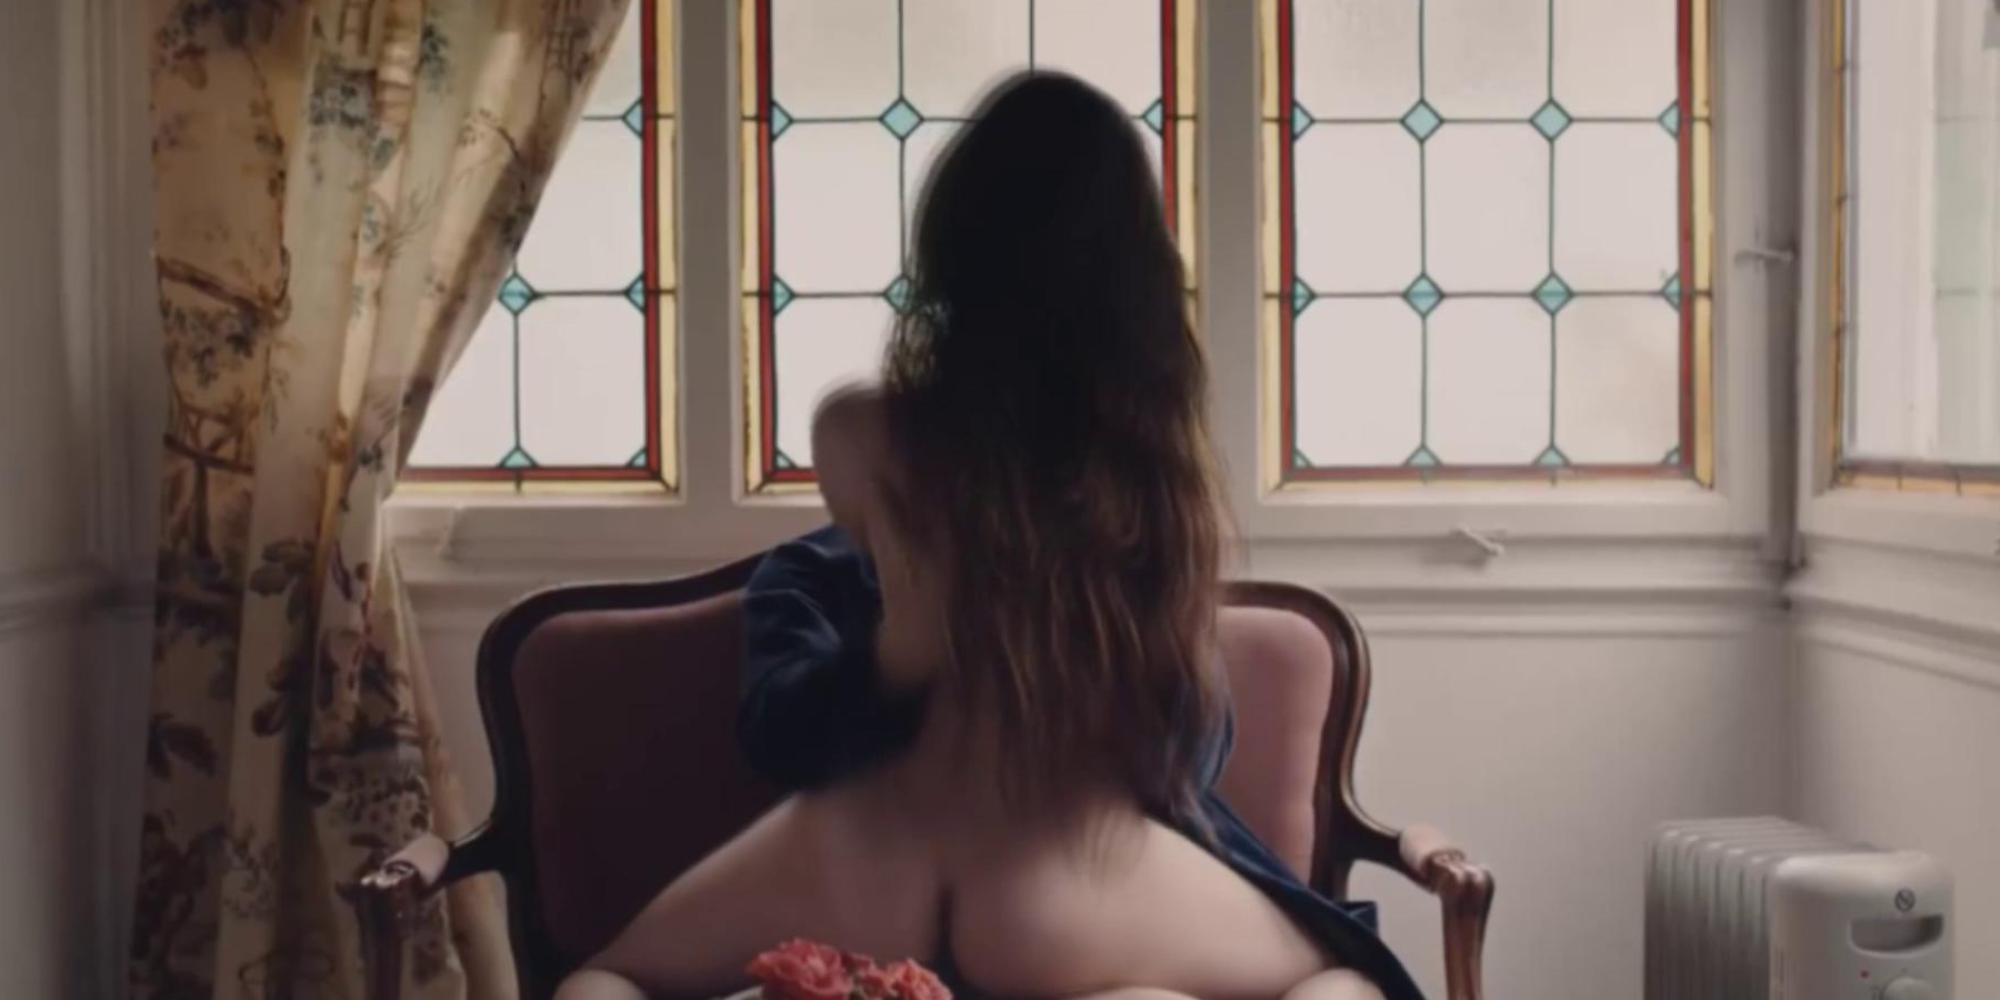 Echte Paare Sex videos von echten Paaren, nach